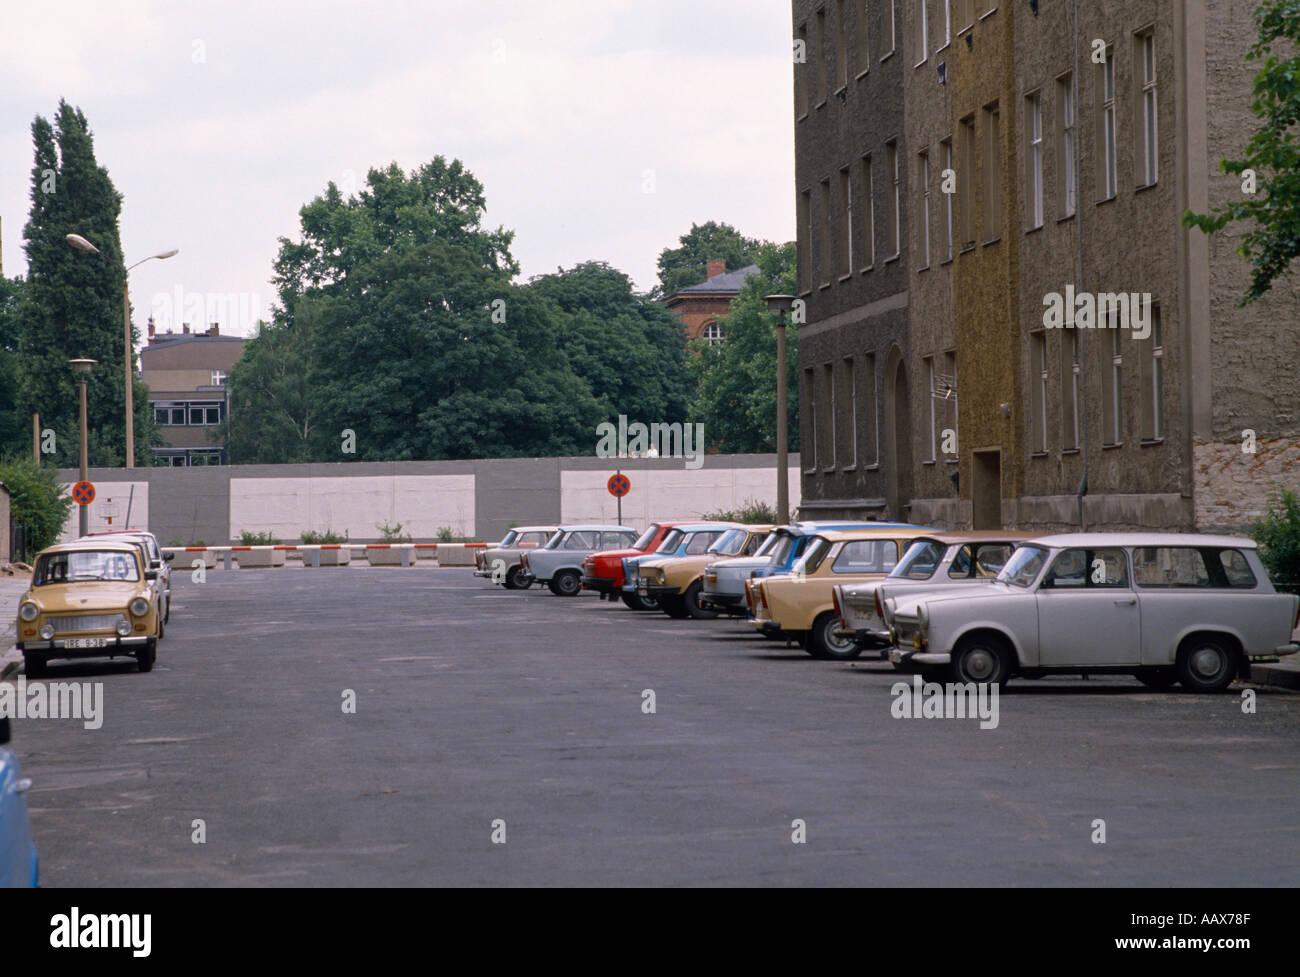 La historia de Europa. El histórico Muro de Berlín en Berlín Oriental en Alemania en Europa durante la Guerra Fría. Imagen De Stock